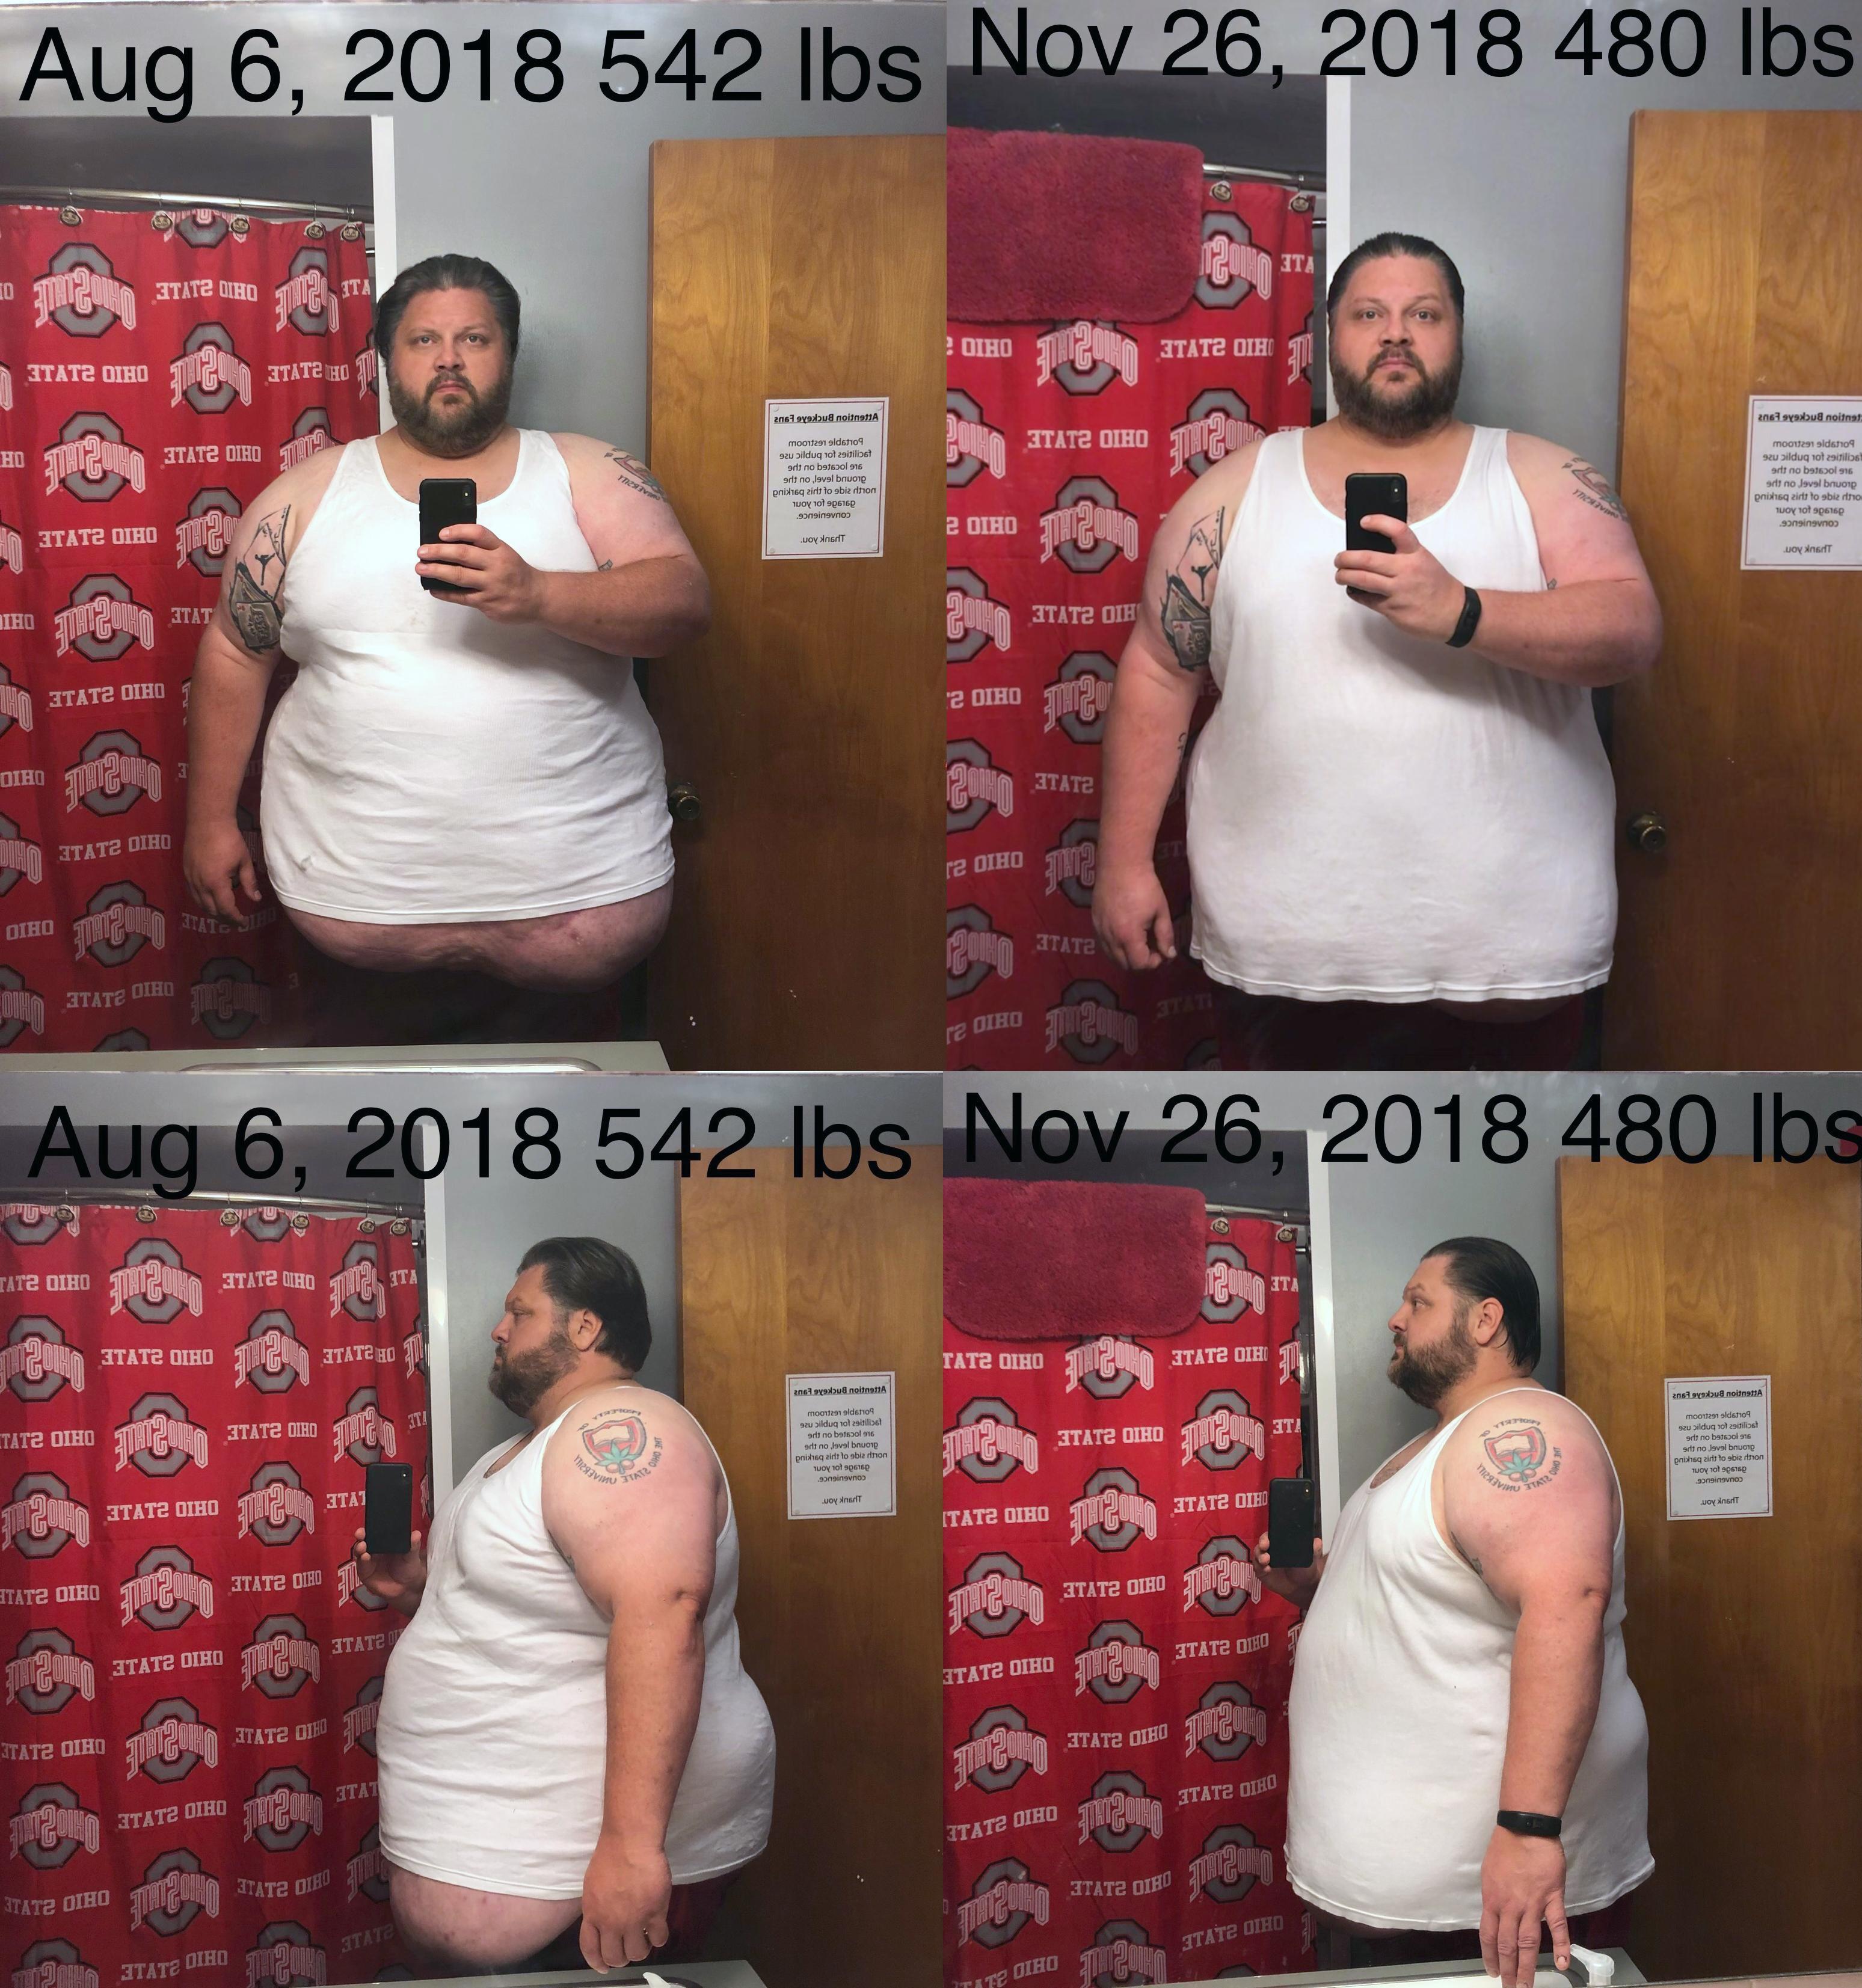 6'1 Male 62 lbs Fat Loss 542 lbs to 480 lbs